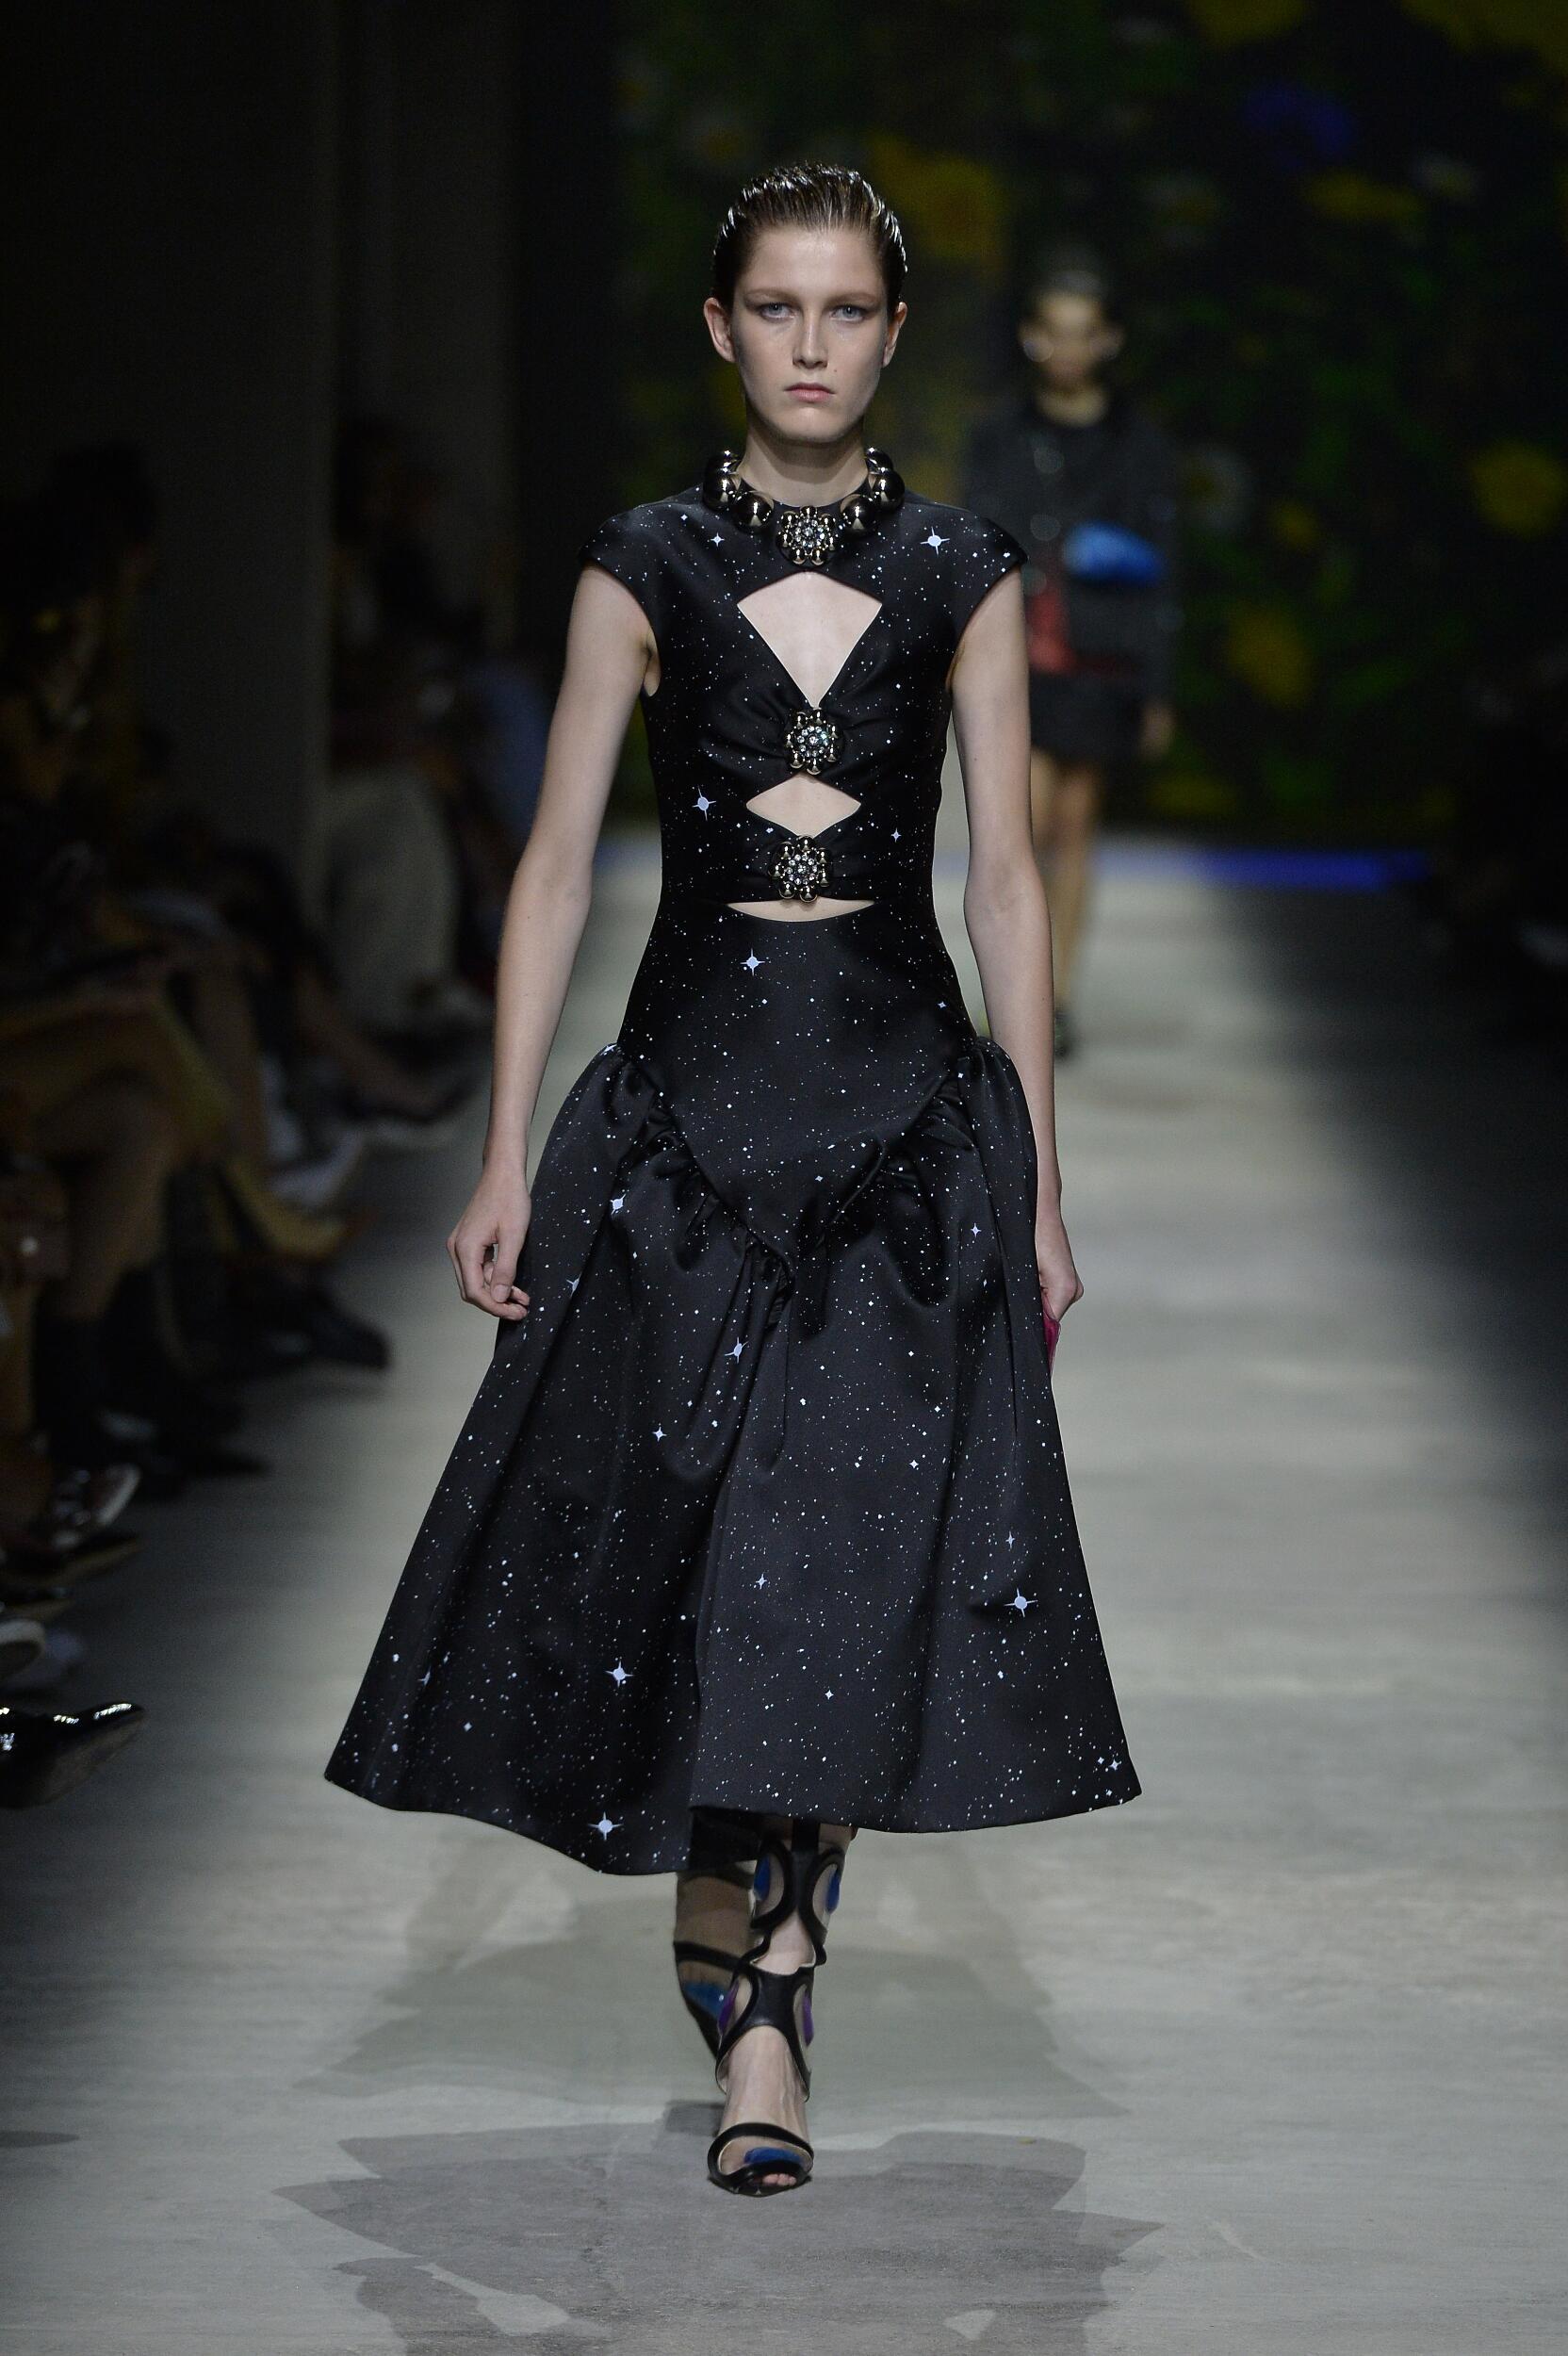 Woman SS 2020 Christopher Kane Show London Fashion Week